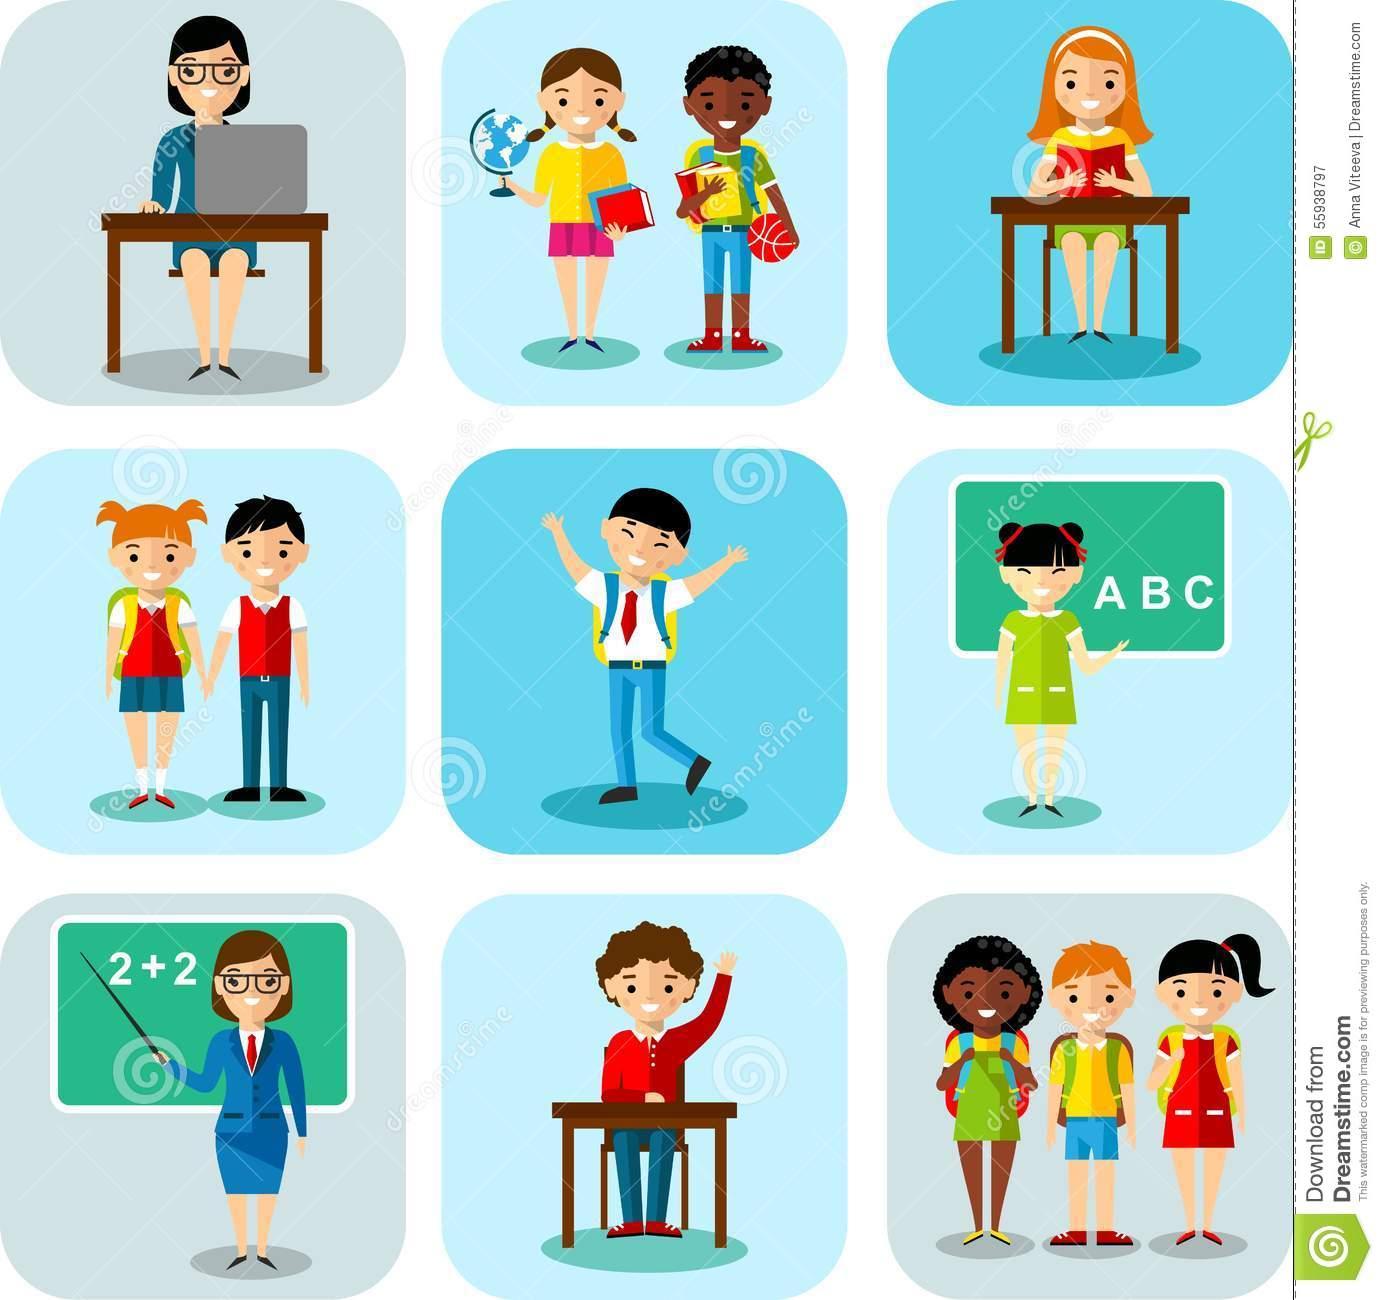 Projeto Liso Que Aprende O Conceito Para A Educação Com Alunos